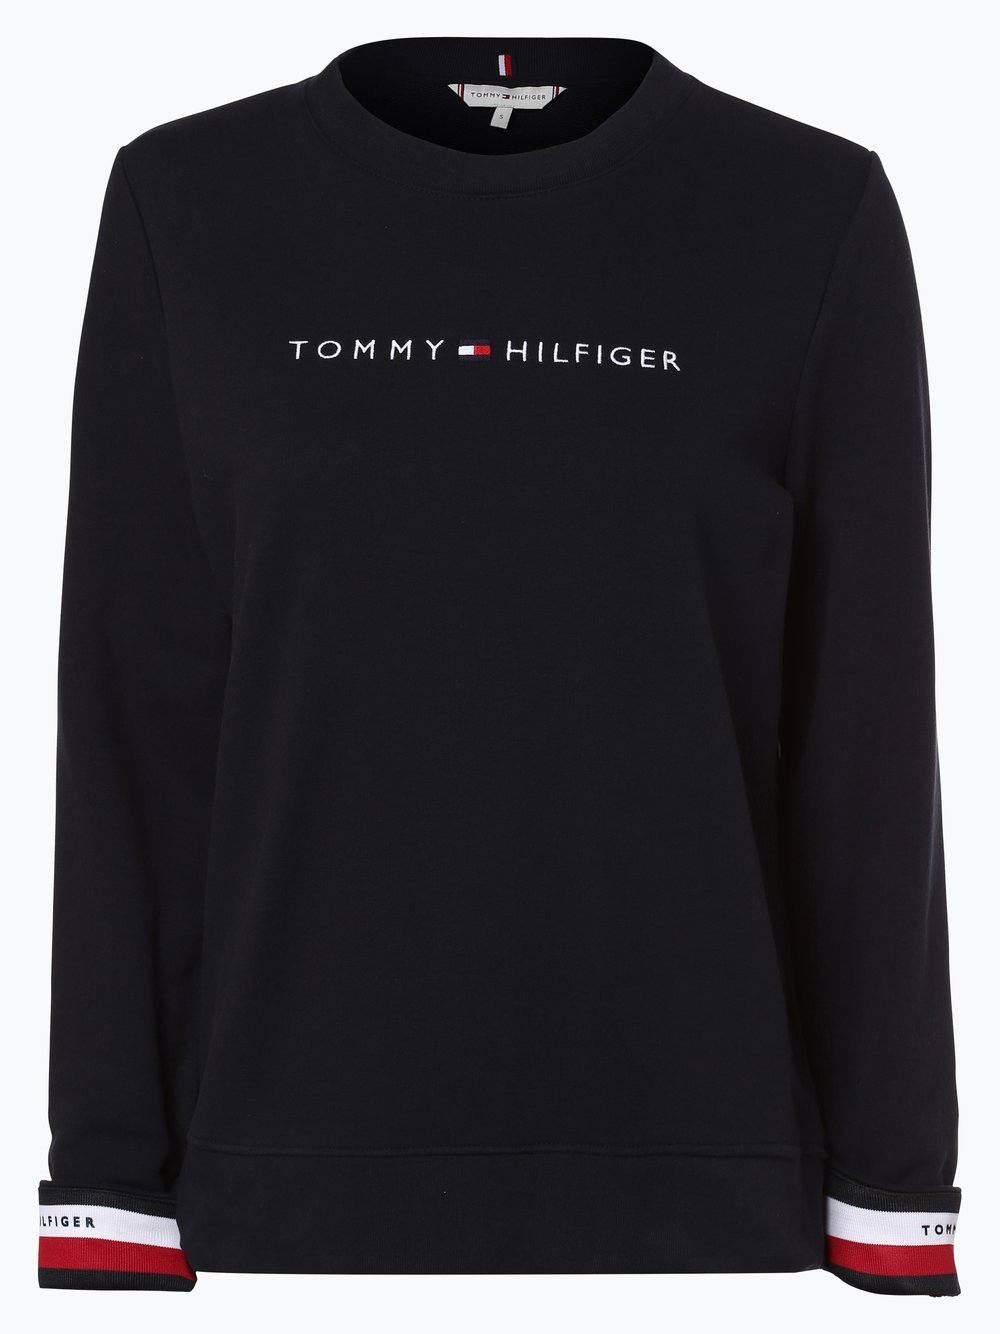 f6e334ec9bb2d Tommy Hilfiger Damska bluza nierozpinana kup online   VANGRAAF.COM